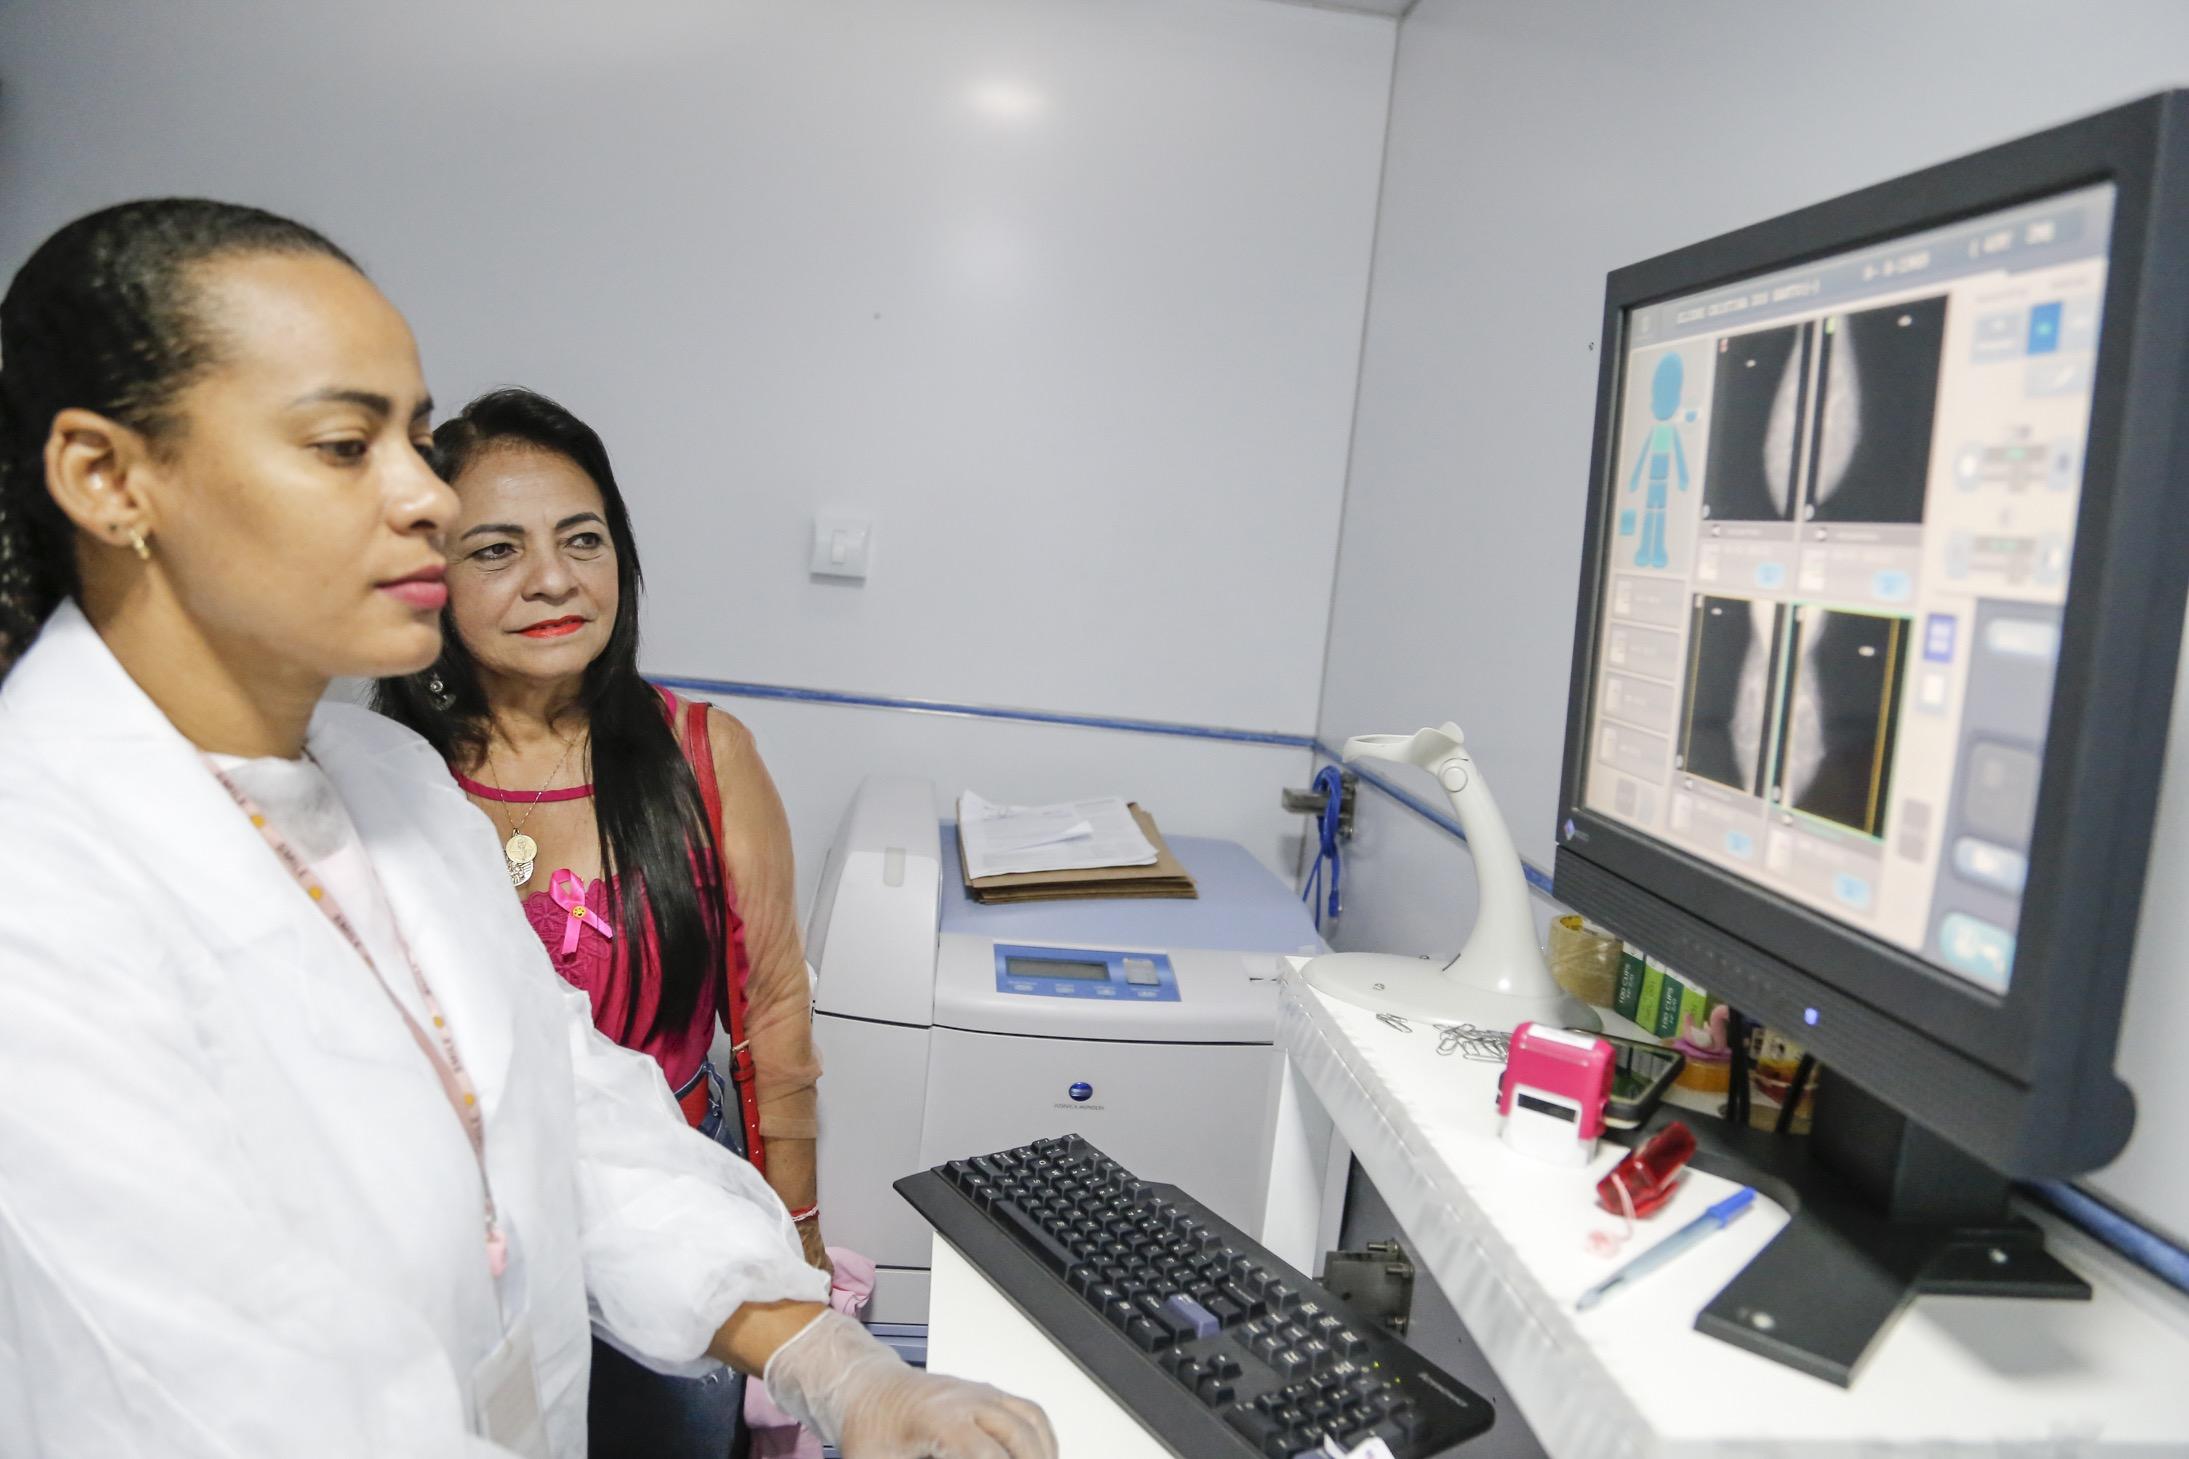 Carreta do Hospital da Mulher encerra mutirão em Lauro de Freitas com mais de 600 atendimentos